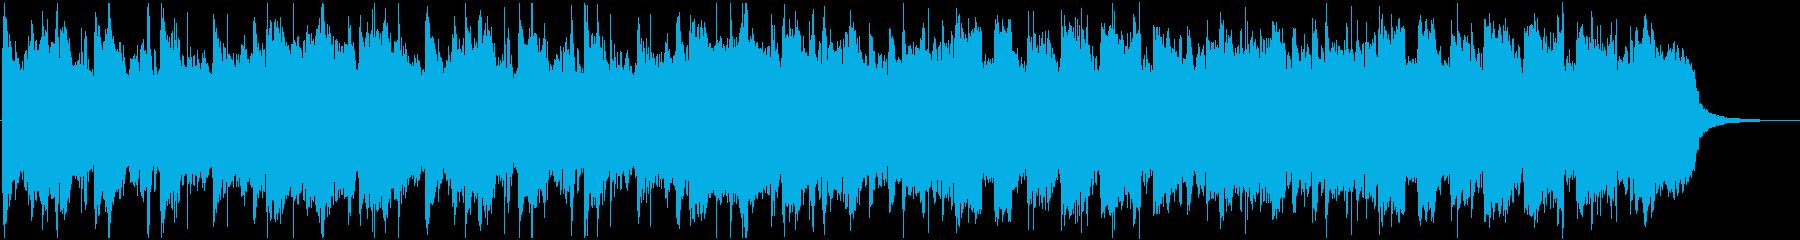 和風な温泉村っぽいBGM(1ループ)の再生済みの波形